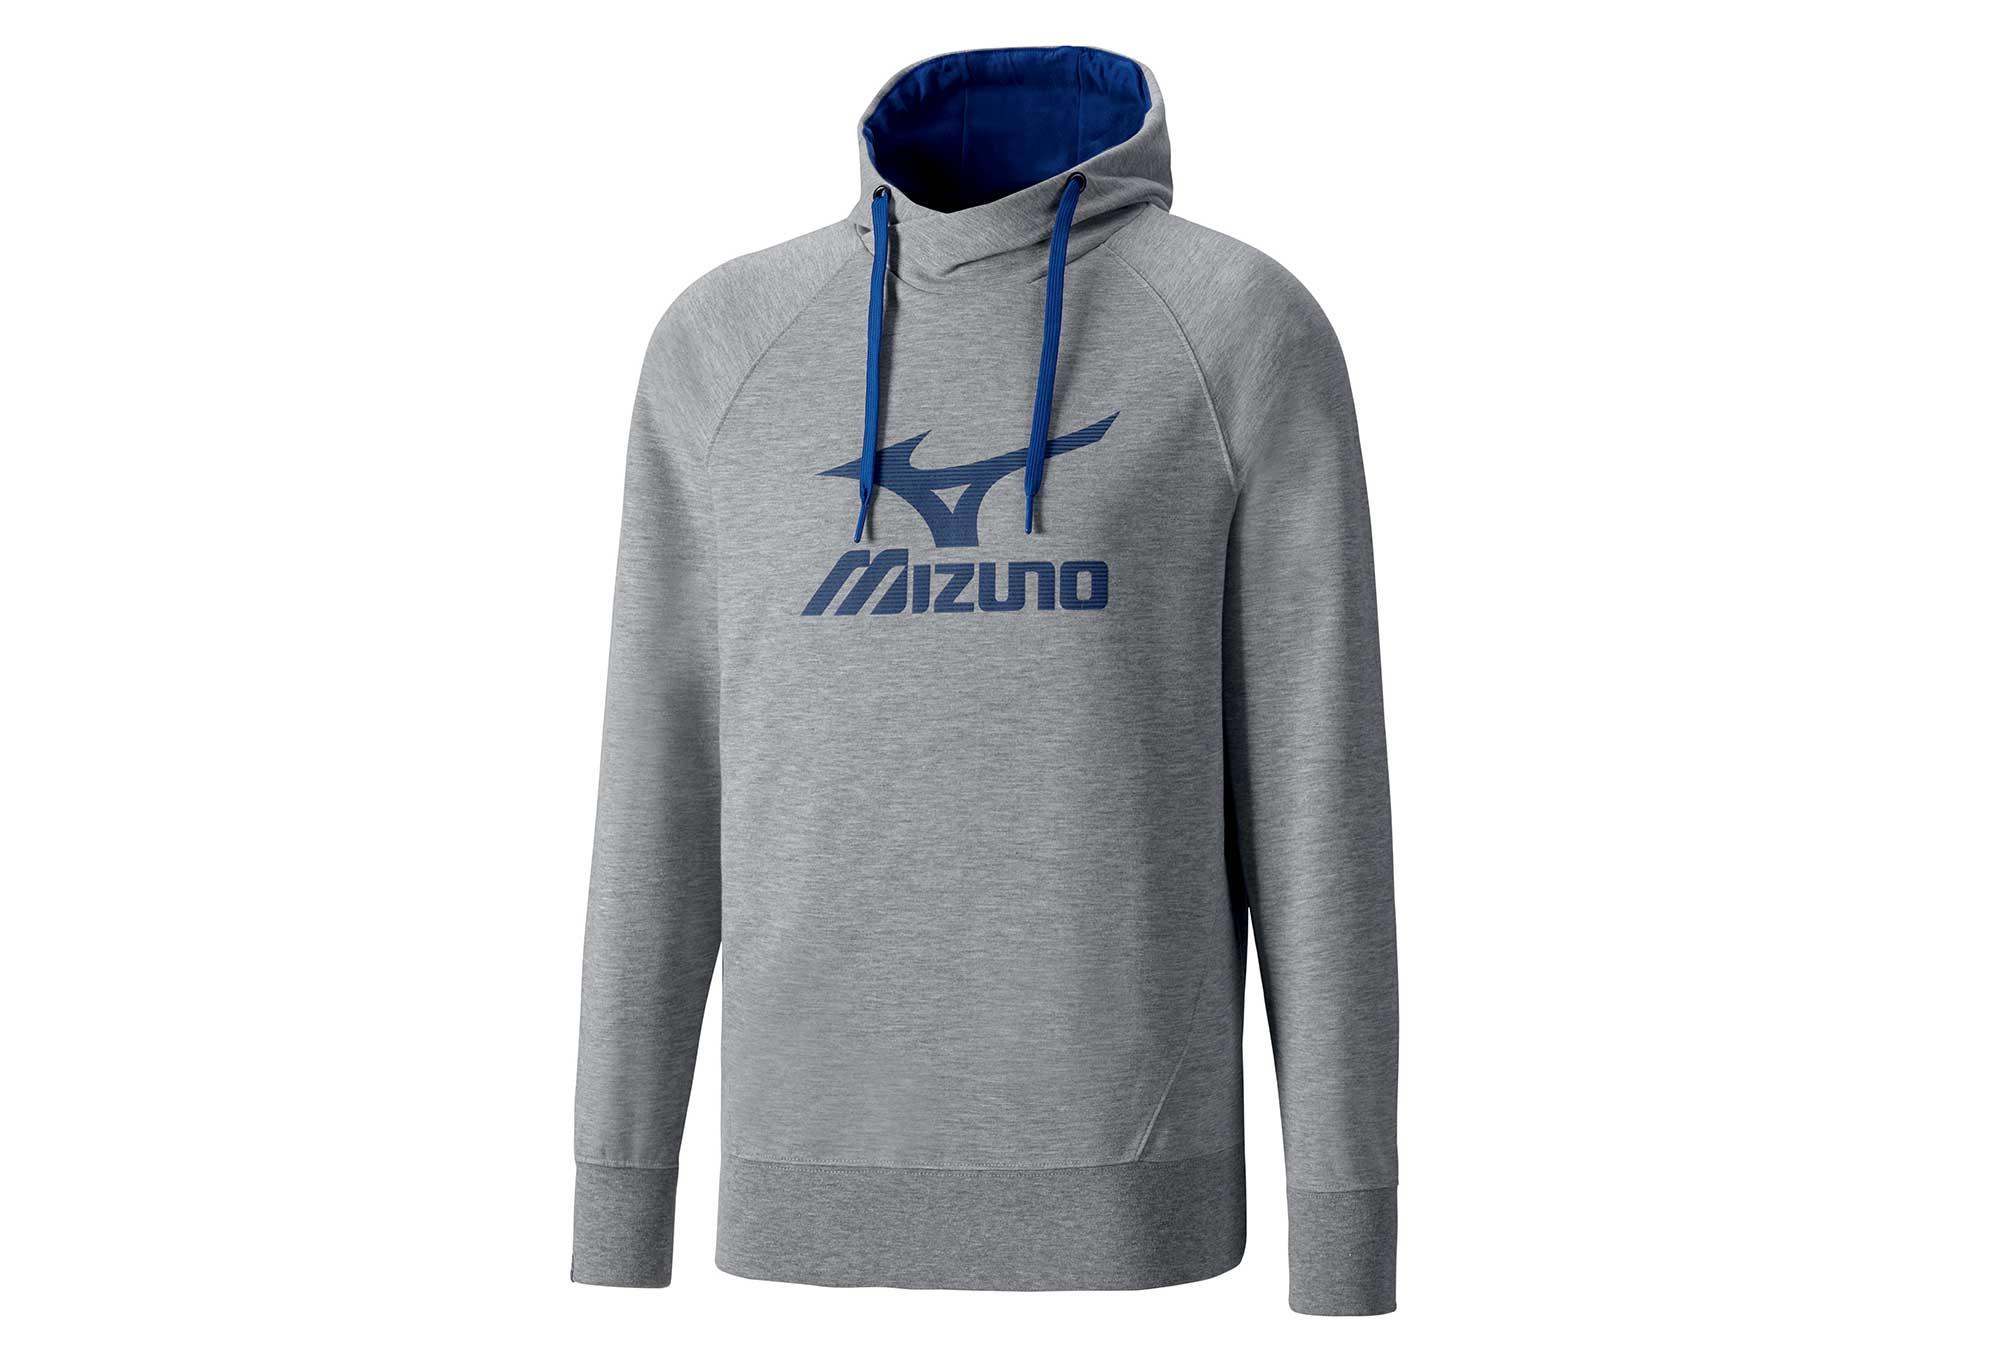 Mizuno hoodie